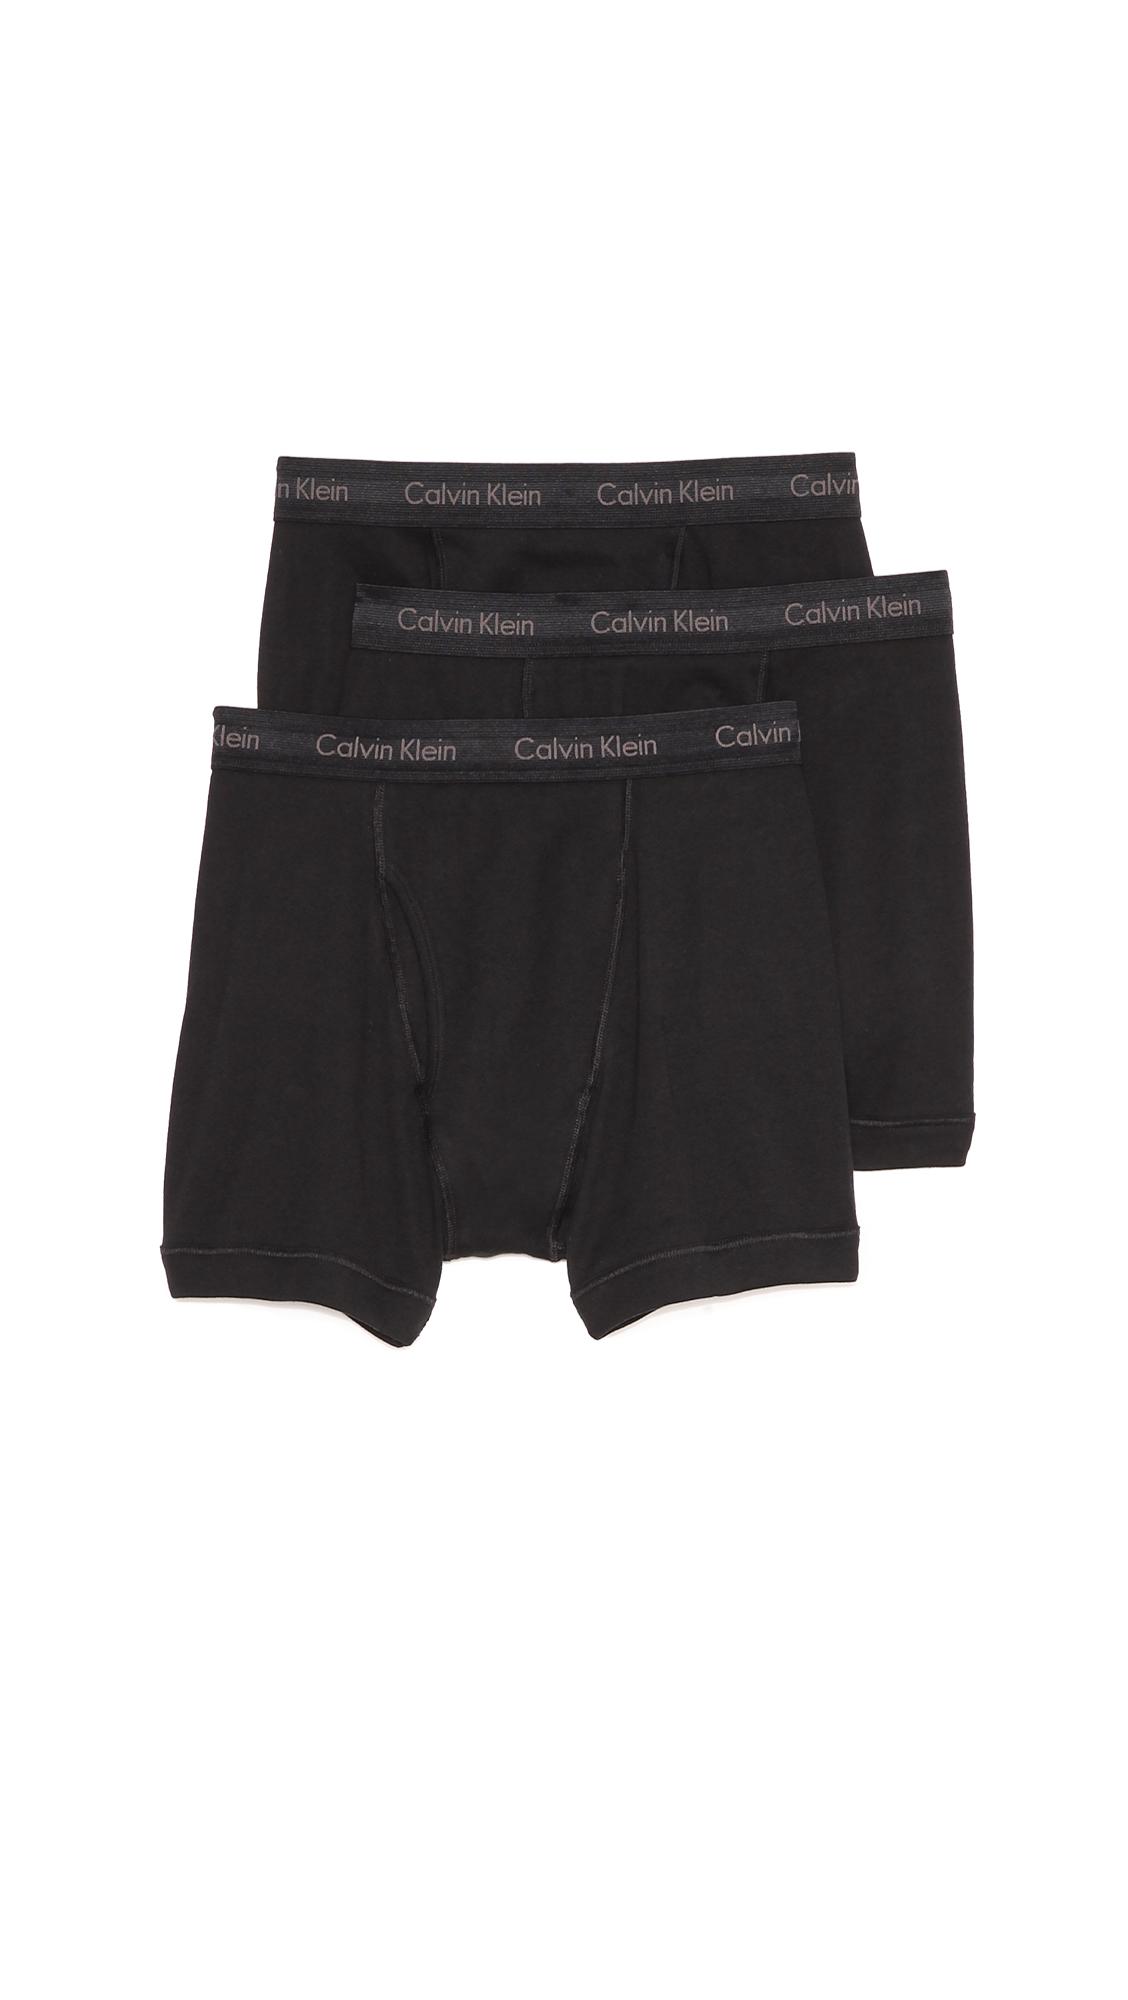 calvin klein 3 pack boxer briefs in black for men lyst. Black Bedroom Furniture Sets. Home Design Ideas